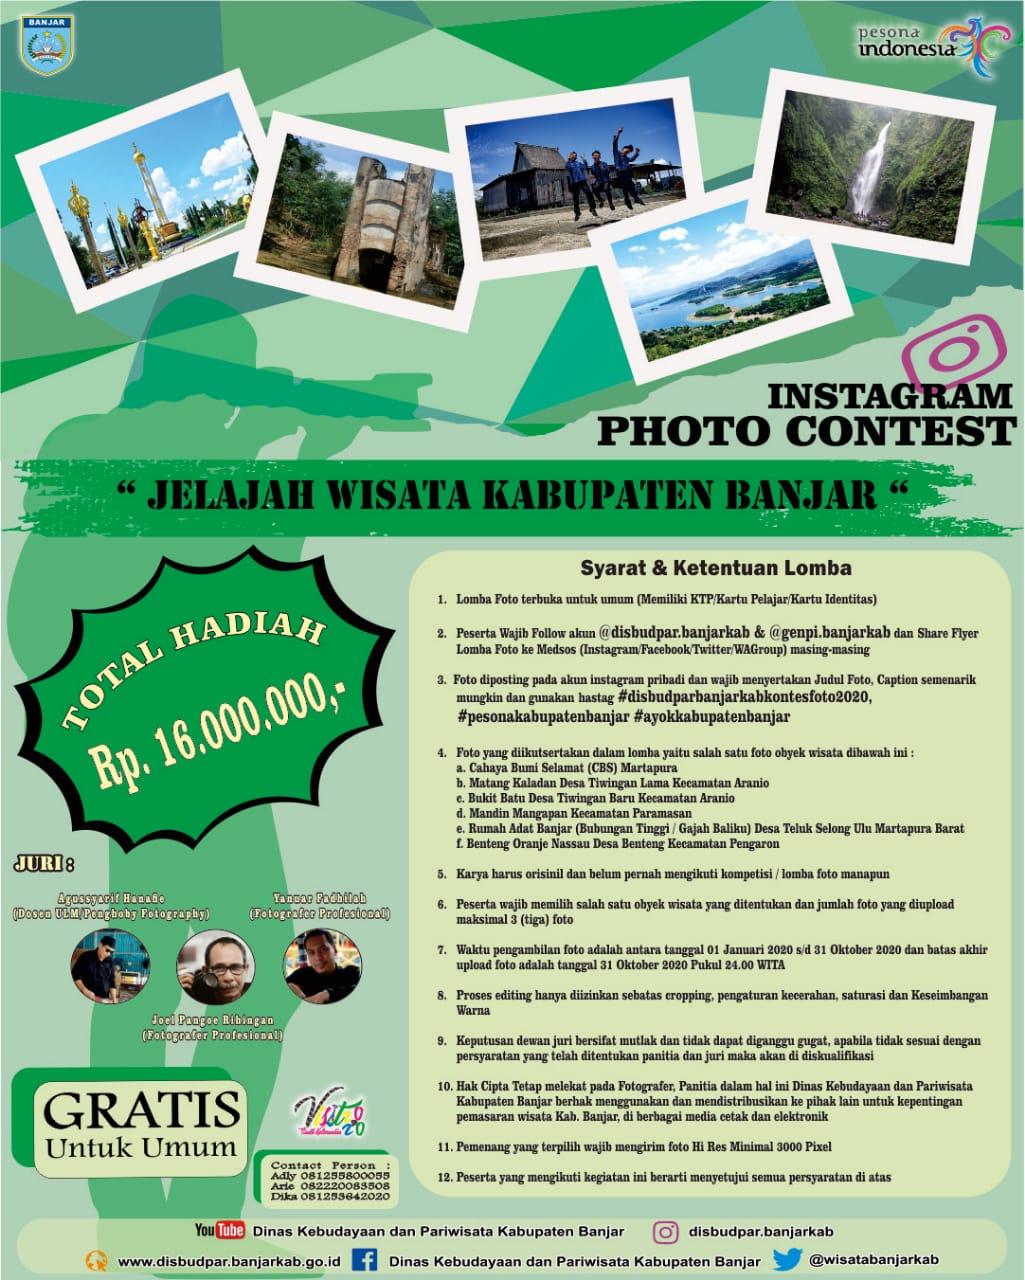 Promosi Wisata Dengan Foto Habar Kalimantan